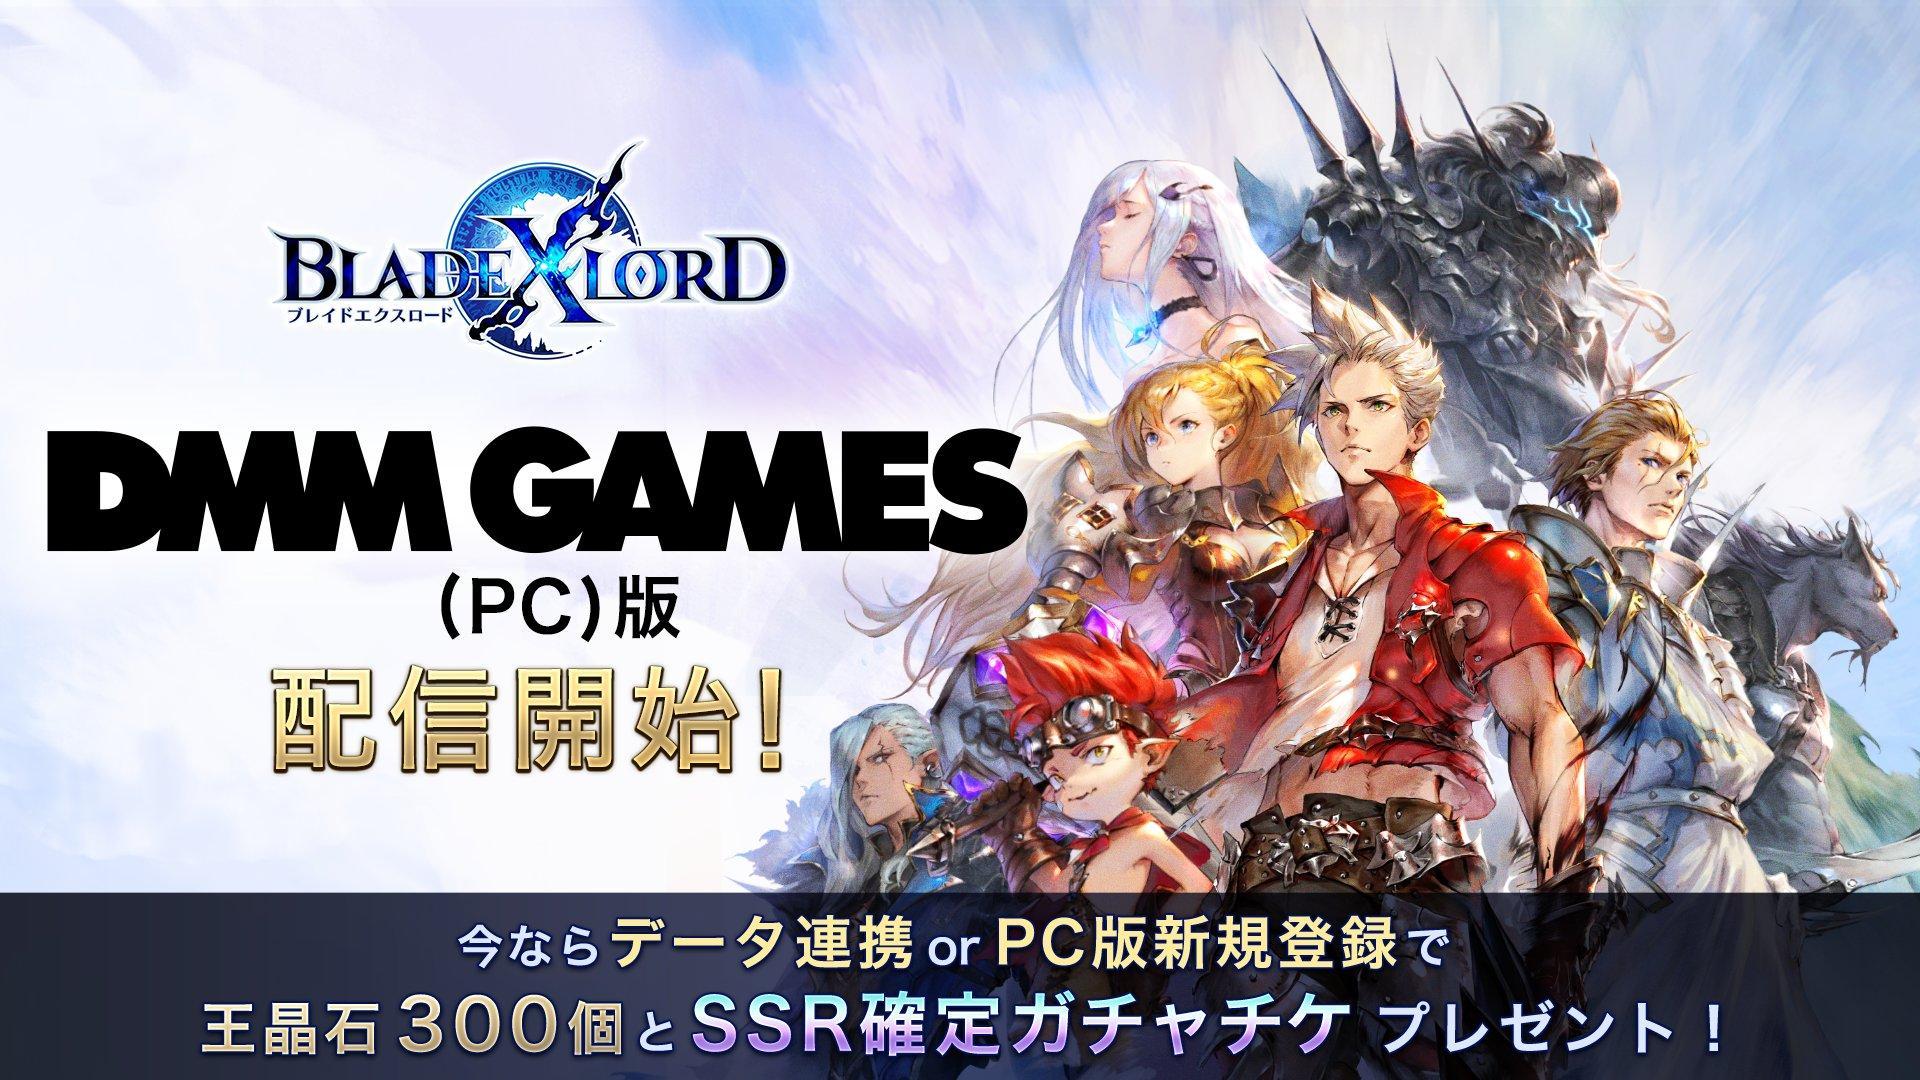 人氣 3D 動作 RPG 手遊《BLADE XLORD》PC 版正式開服 - 香港手機遊戲網 GameApps.hk